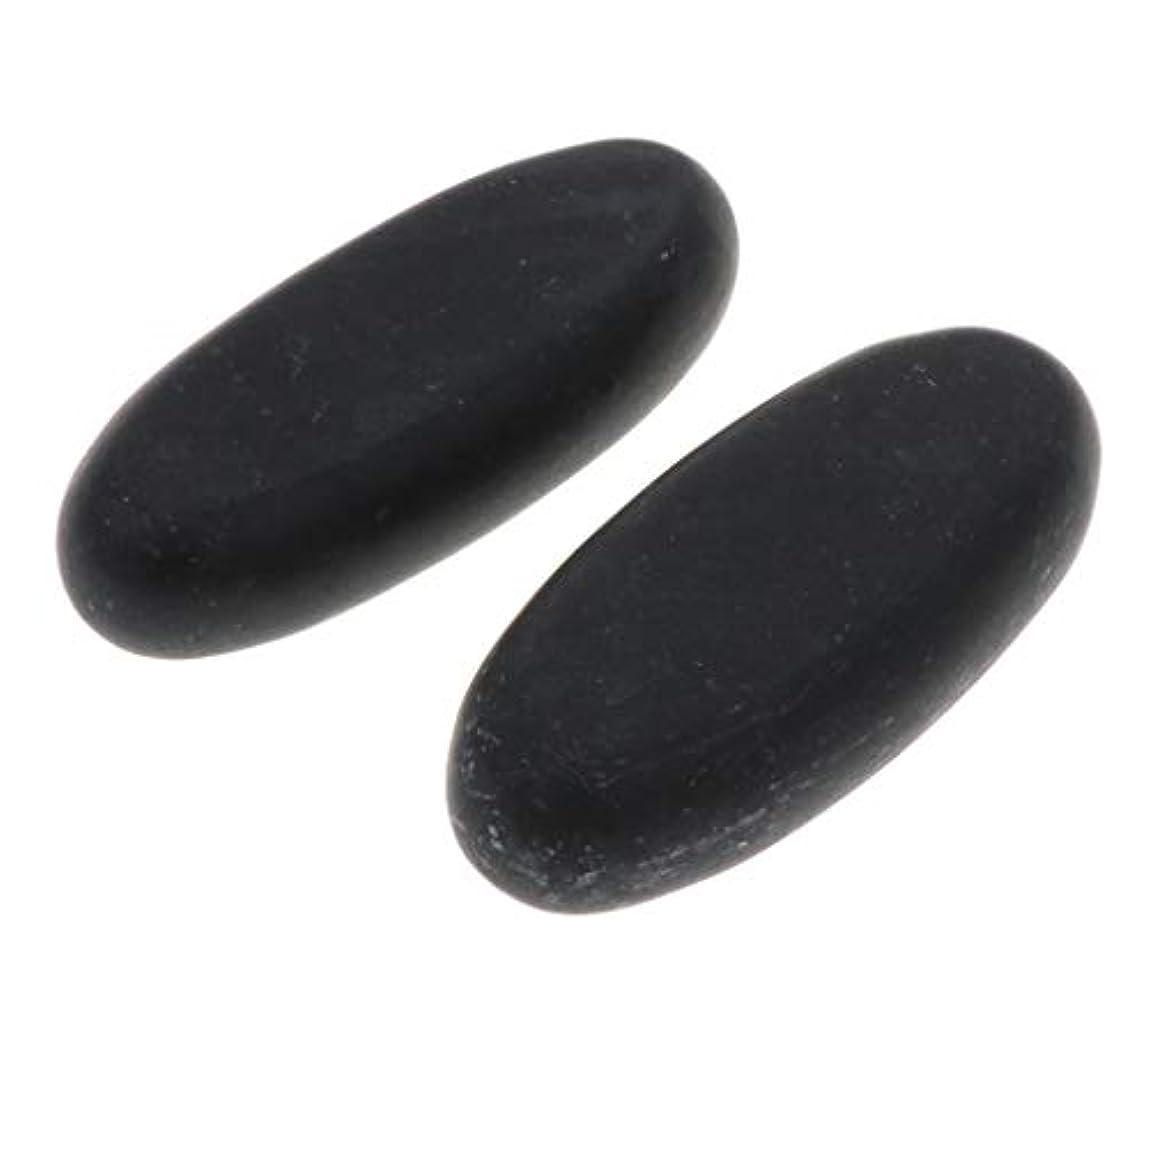 D DOLITY マッサージ石 マッサージストーン 玄武岩 ボディマッサージ ツボ押し リラクゼーション 全2サイズ - 8×3.2×1.5cm